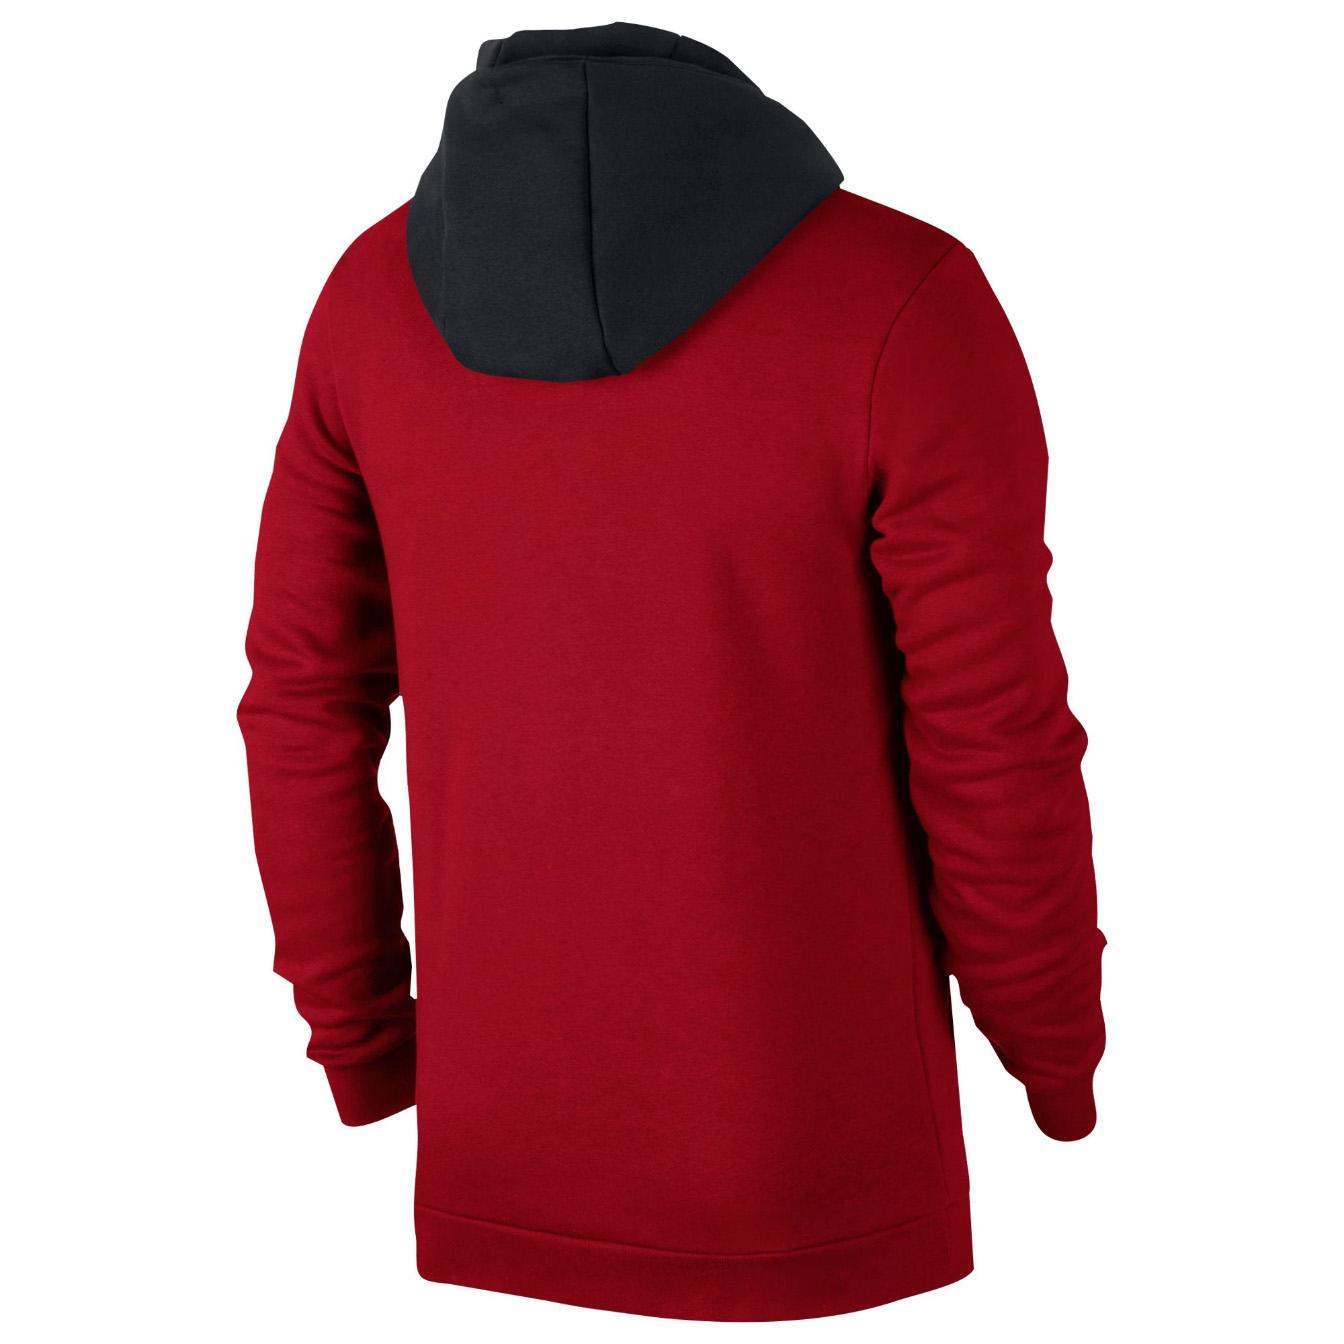 6e582424172800 Details about JORDAN Jumpman Air Fleece Pullover Hoodie Sweatshirt Sweat  Shirt jumper flight